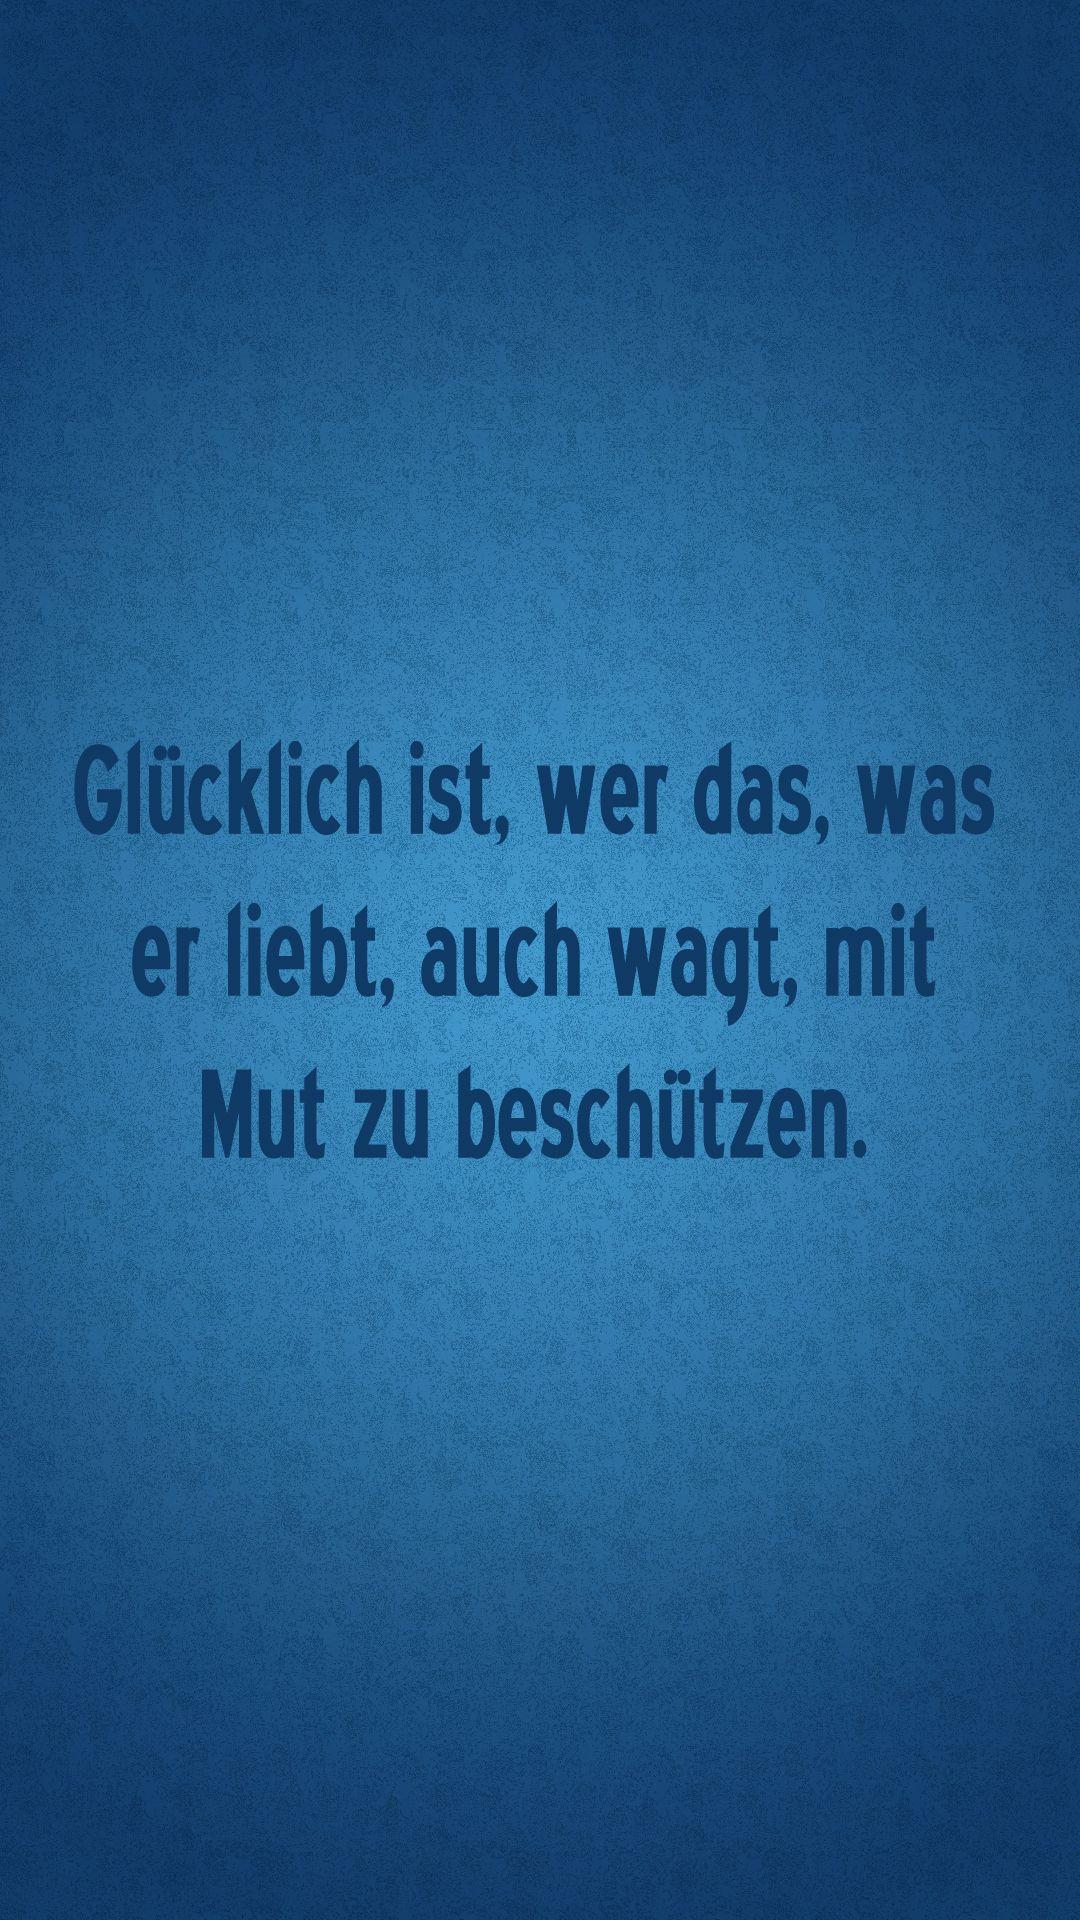 Zitate Auf Deutsch Iphone 6 Deutsche Zitate Hintergrundbilder Iphone Zitate